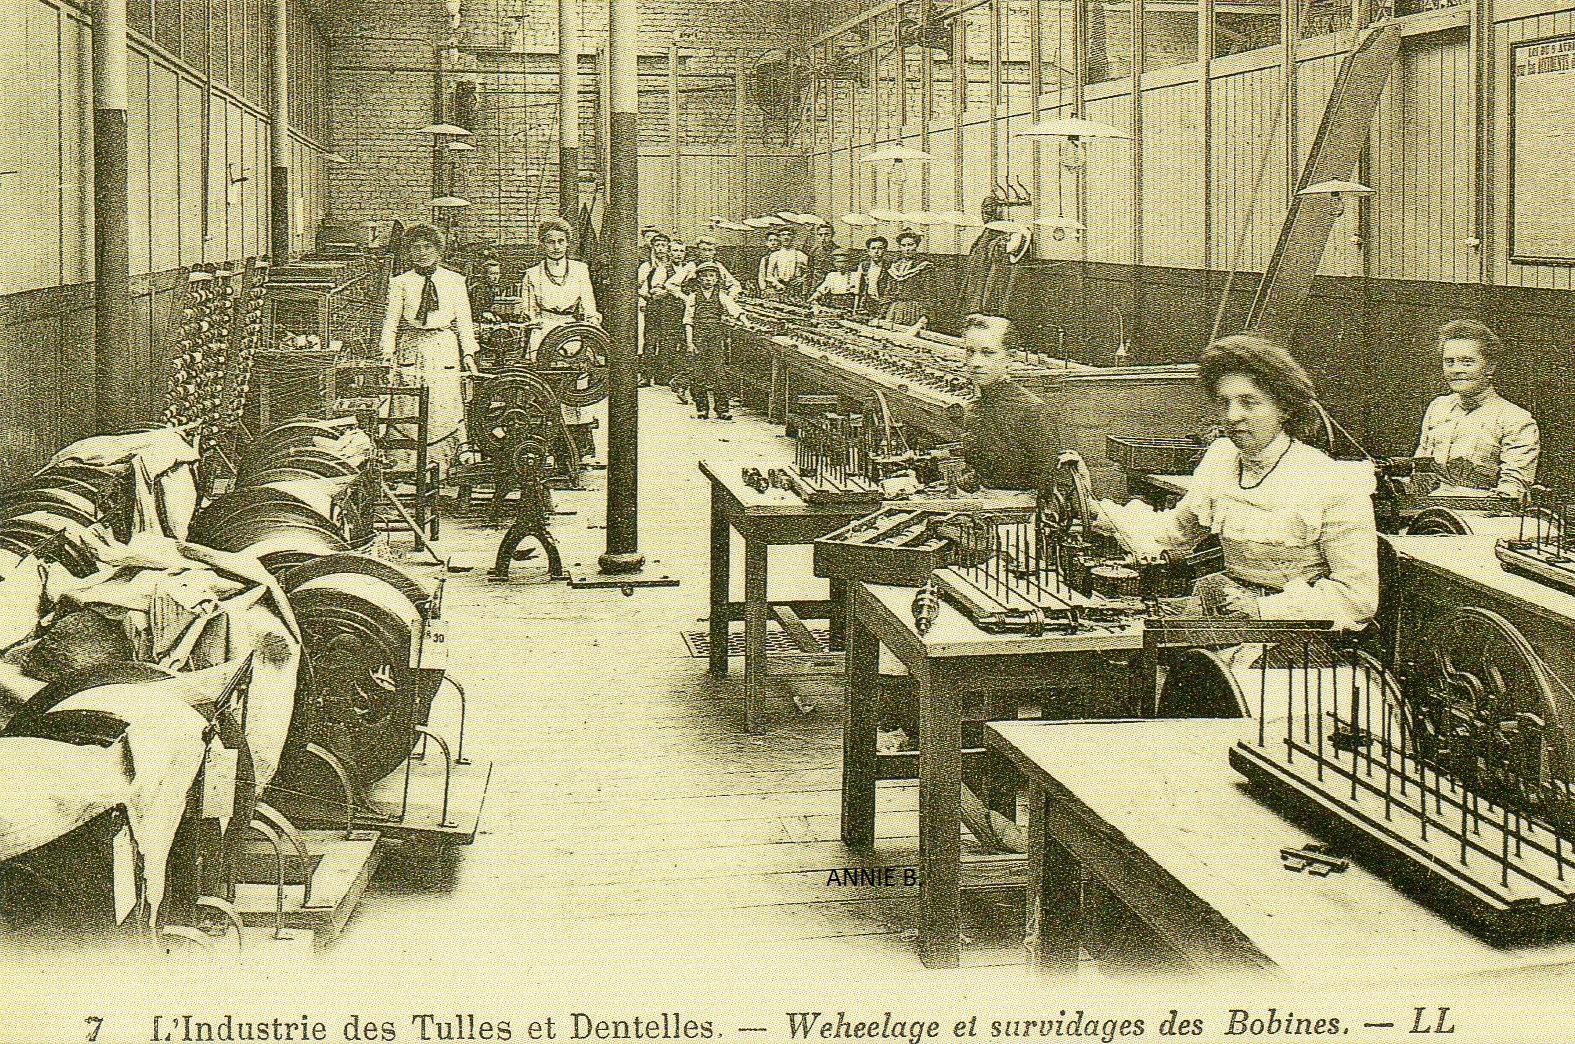 L'industrie des tulles et dentelle au siècle dernier